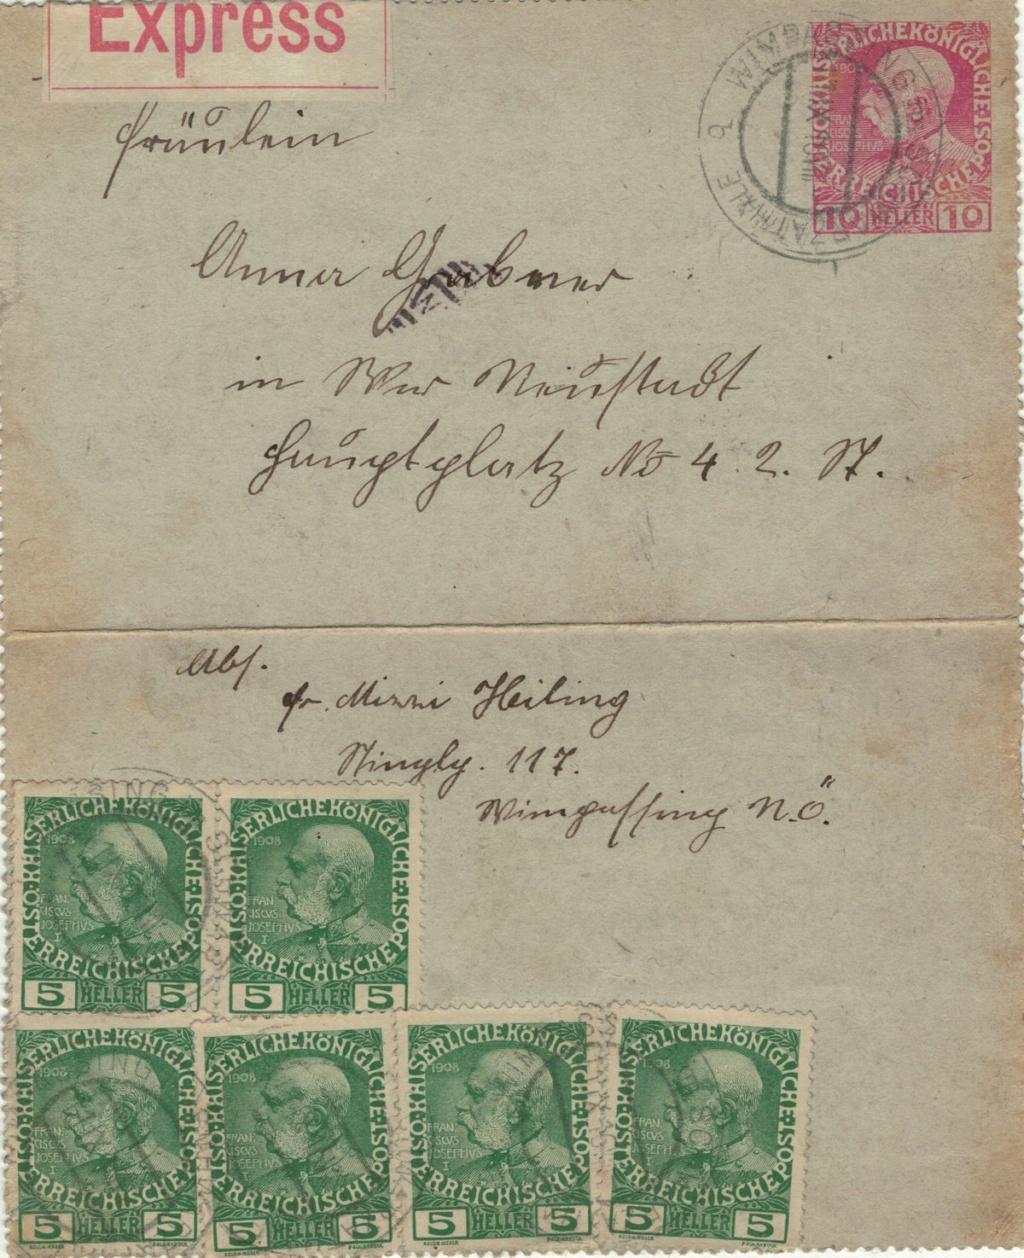 Die Freimarkenausgabe 1908 - Seite 9 Karten12